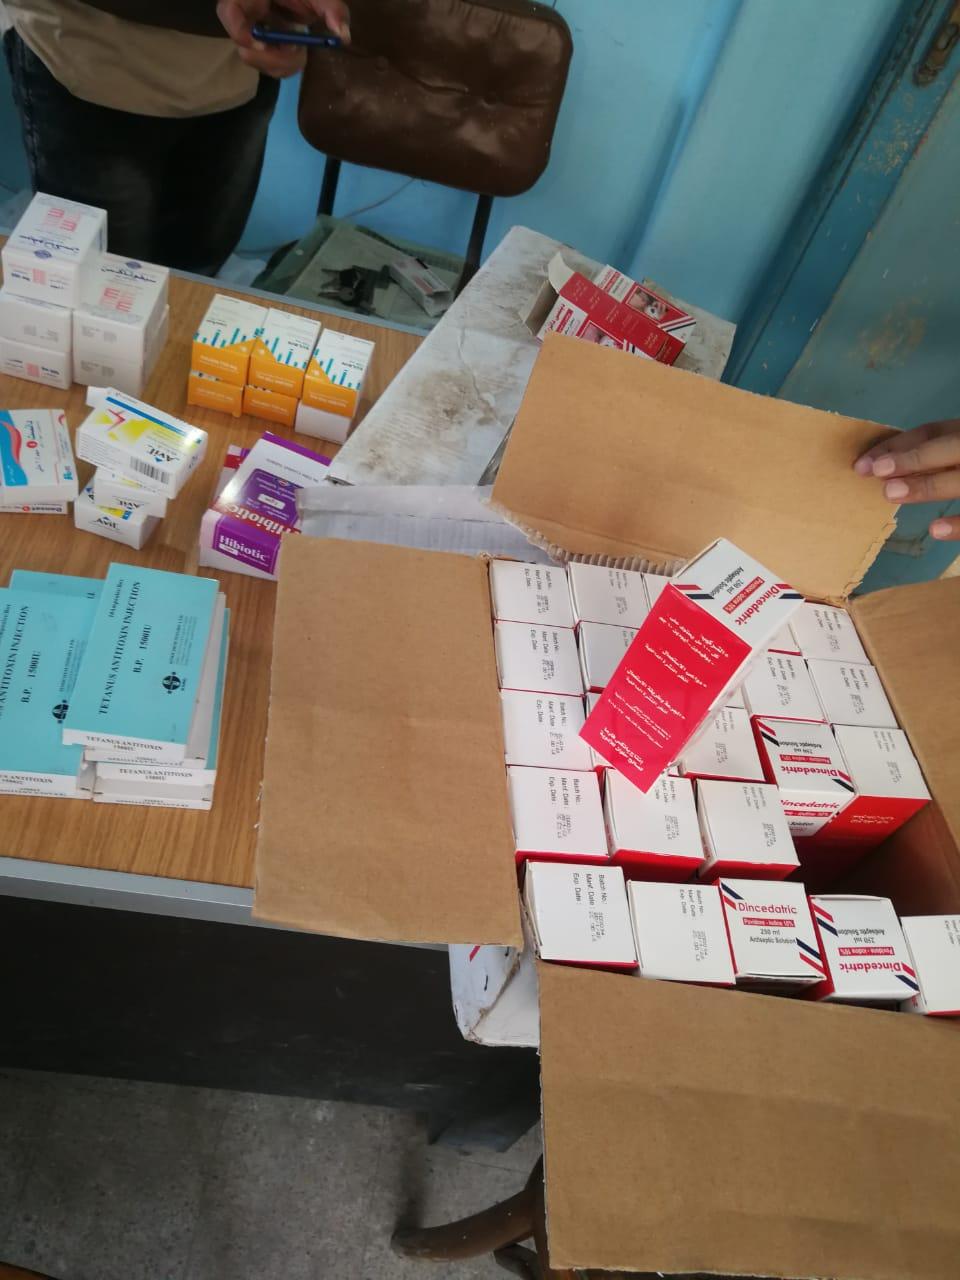 غلق 25 منشأة غذائية غير مرخصة والتحفظ على 474 عبوة دواء مخالفة بالشرقية (5)